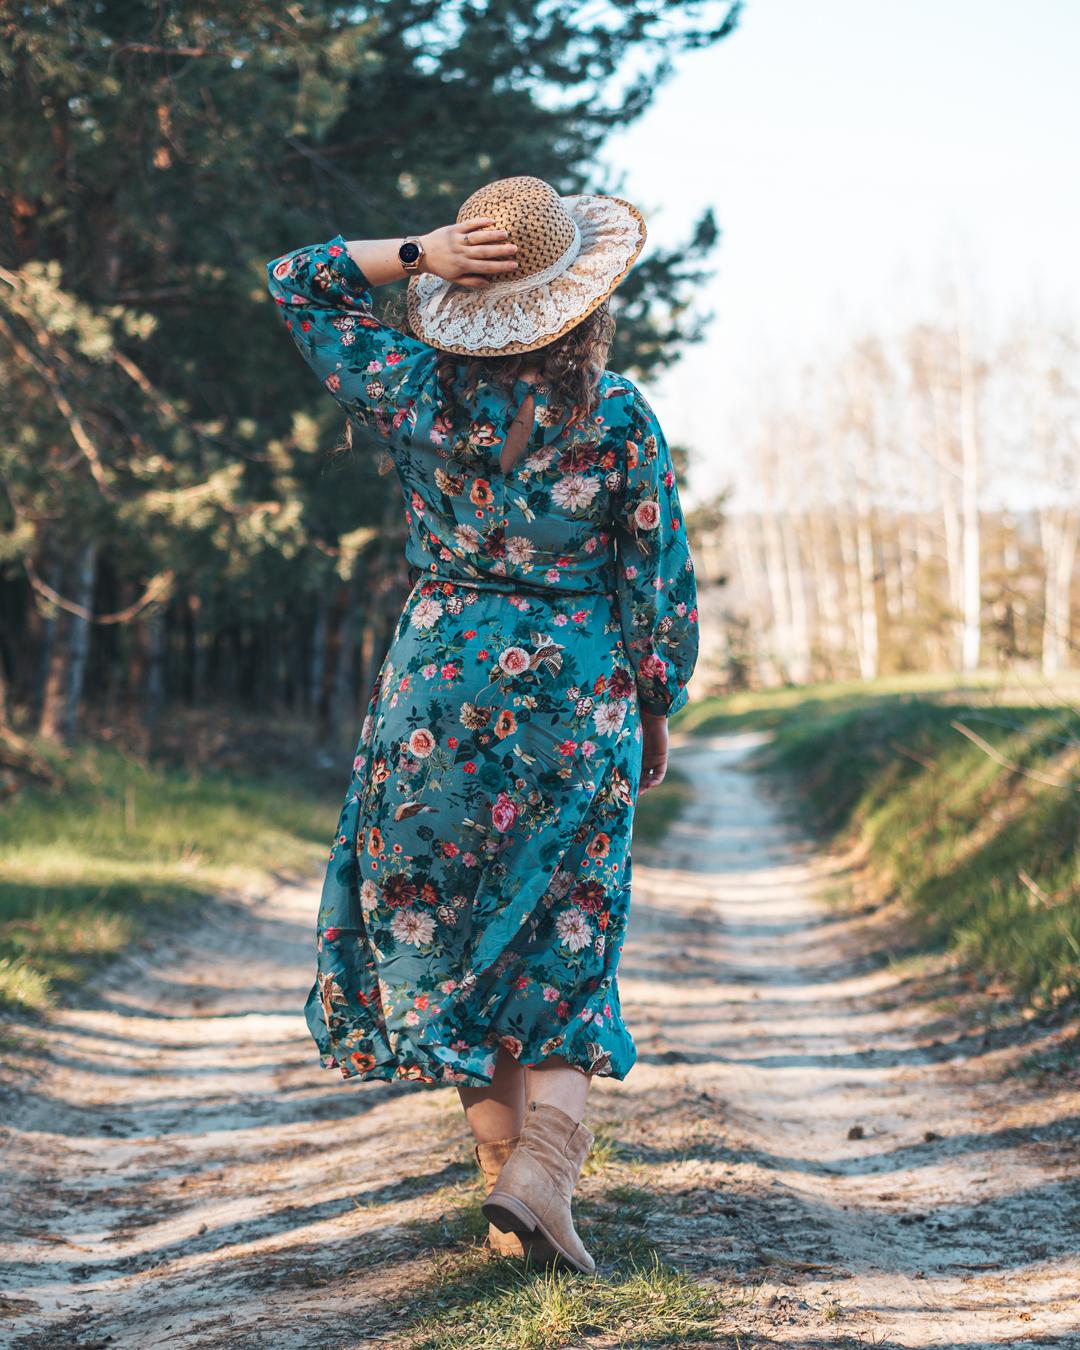 Kobieta idąca leśną ścieżką, w sukience i kapeluszu ze smartwatchem Garett na ręce